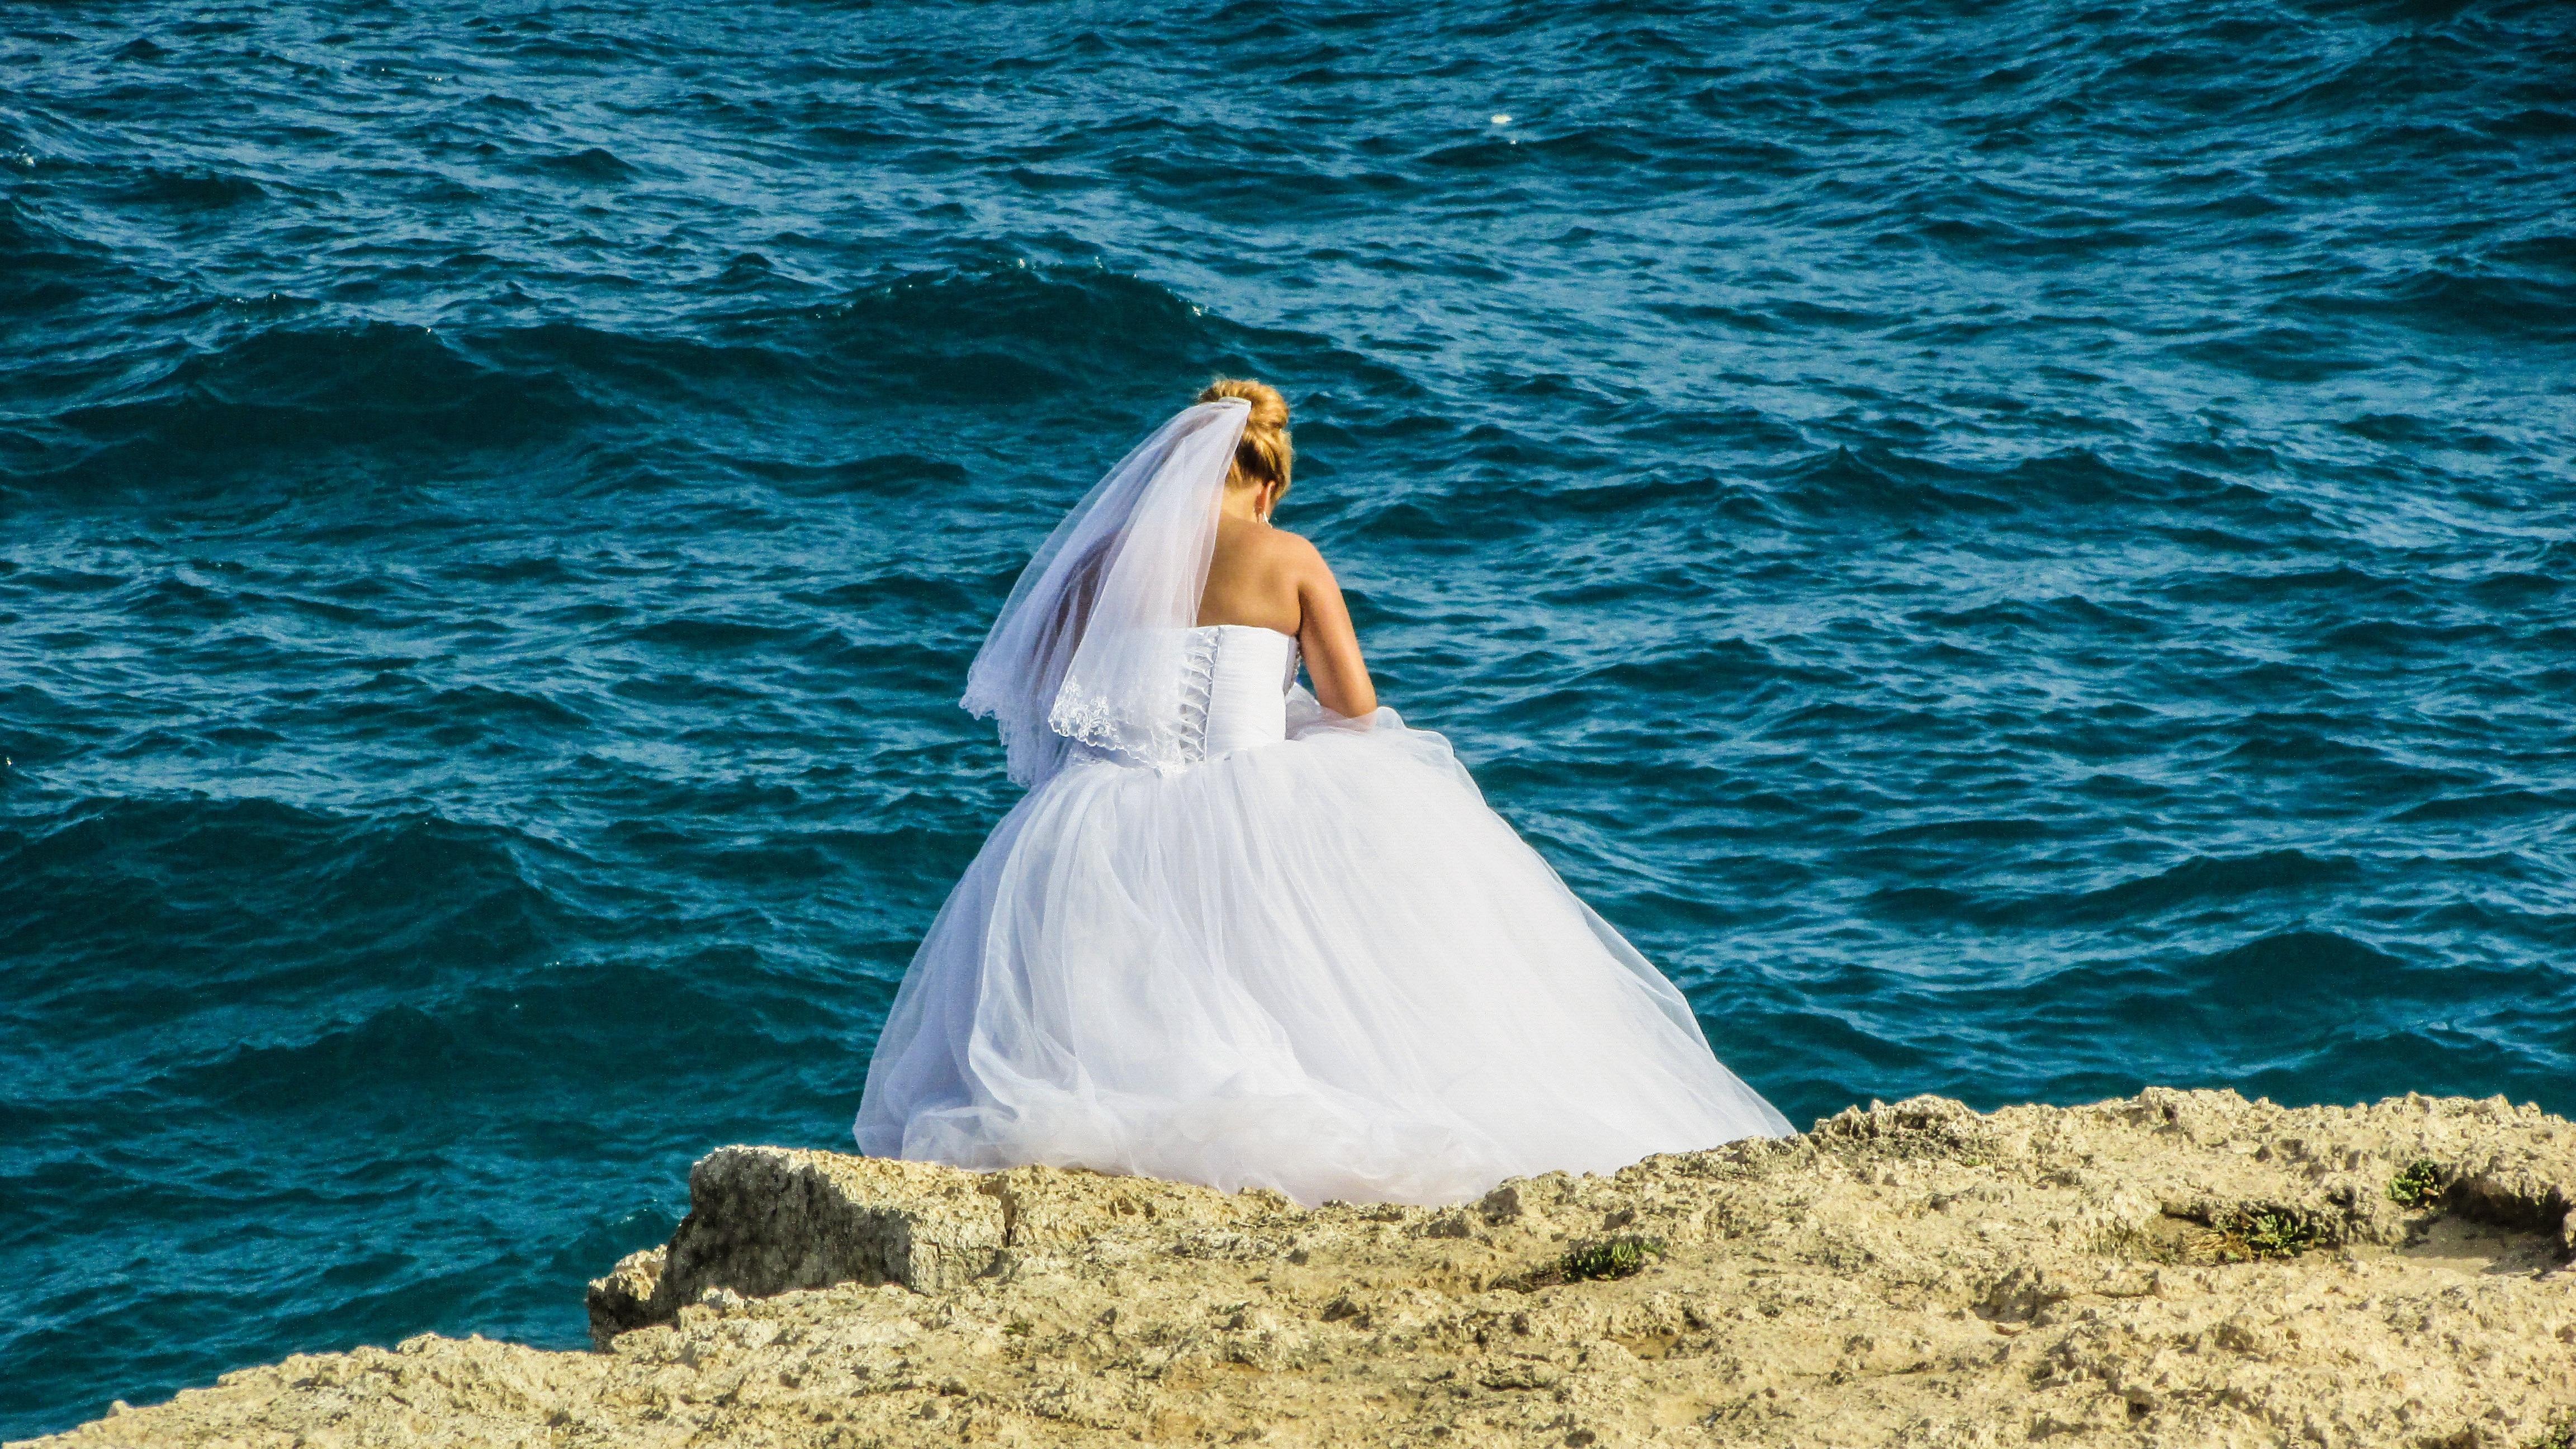 Fotos gratis : mar, al aire libre, Oceano, blanco, submarino, Boda ...